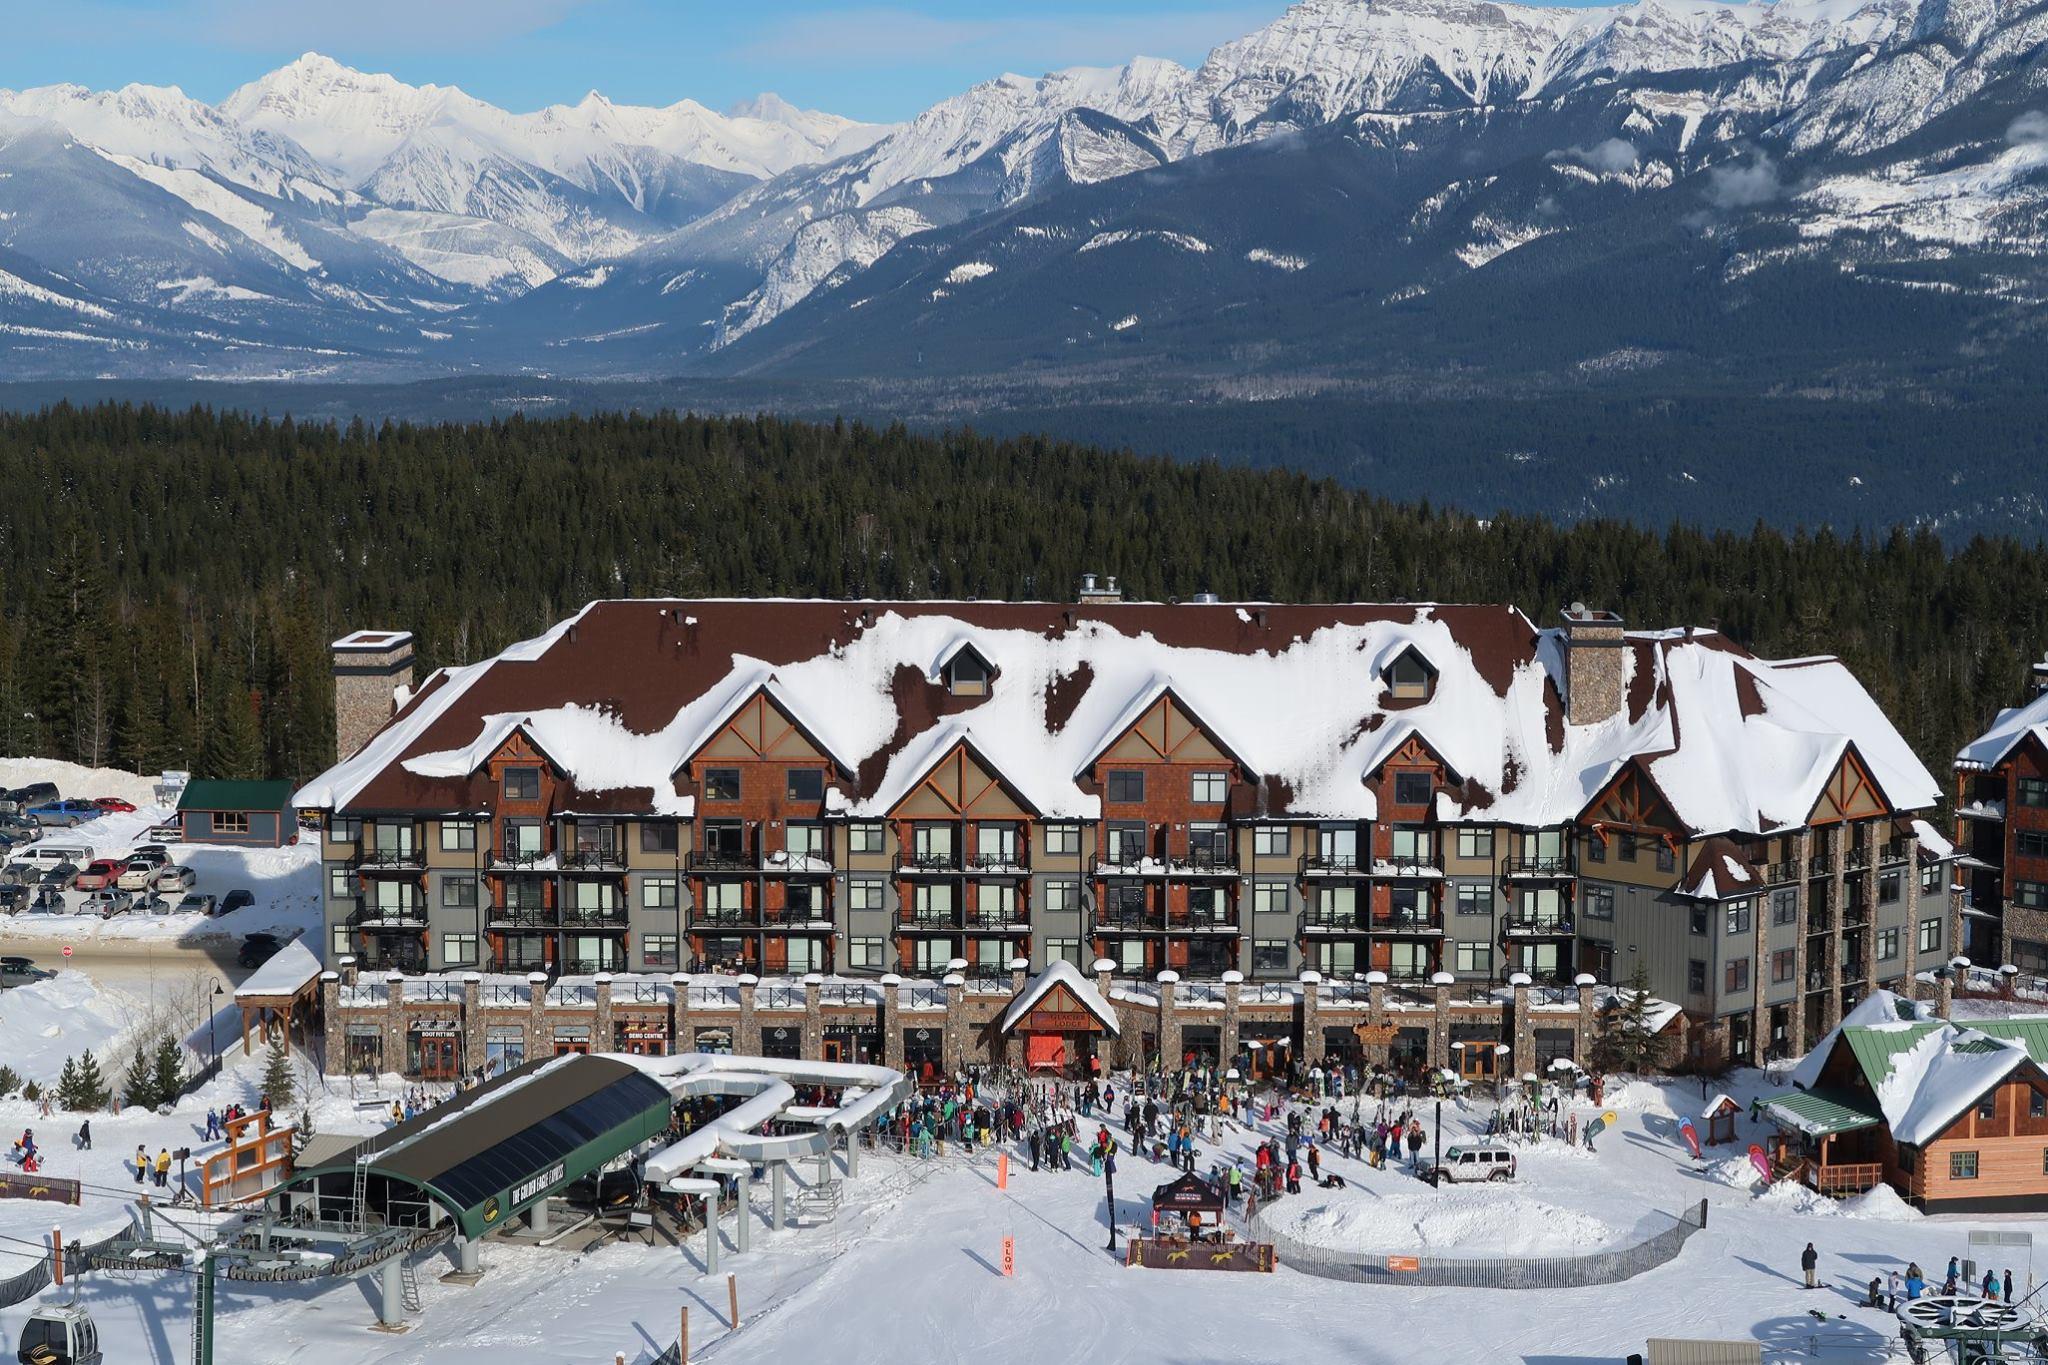 ski in, ski out lodging in kicking horse, british columbia